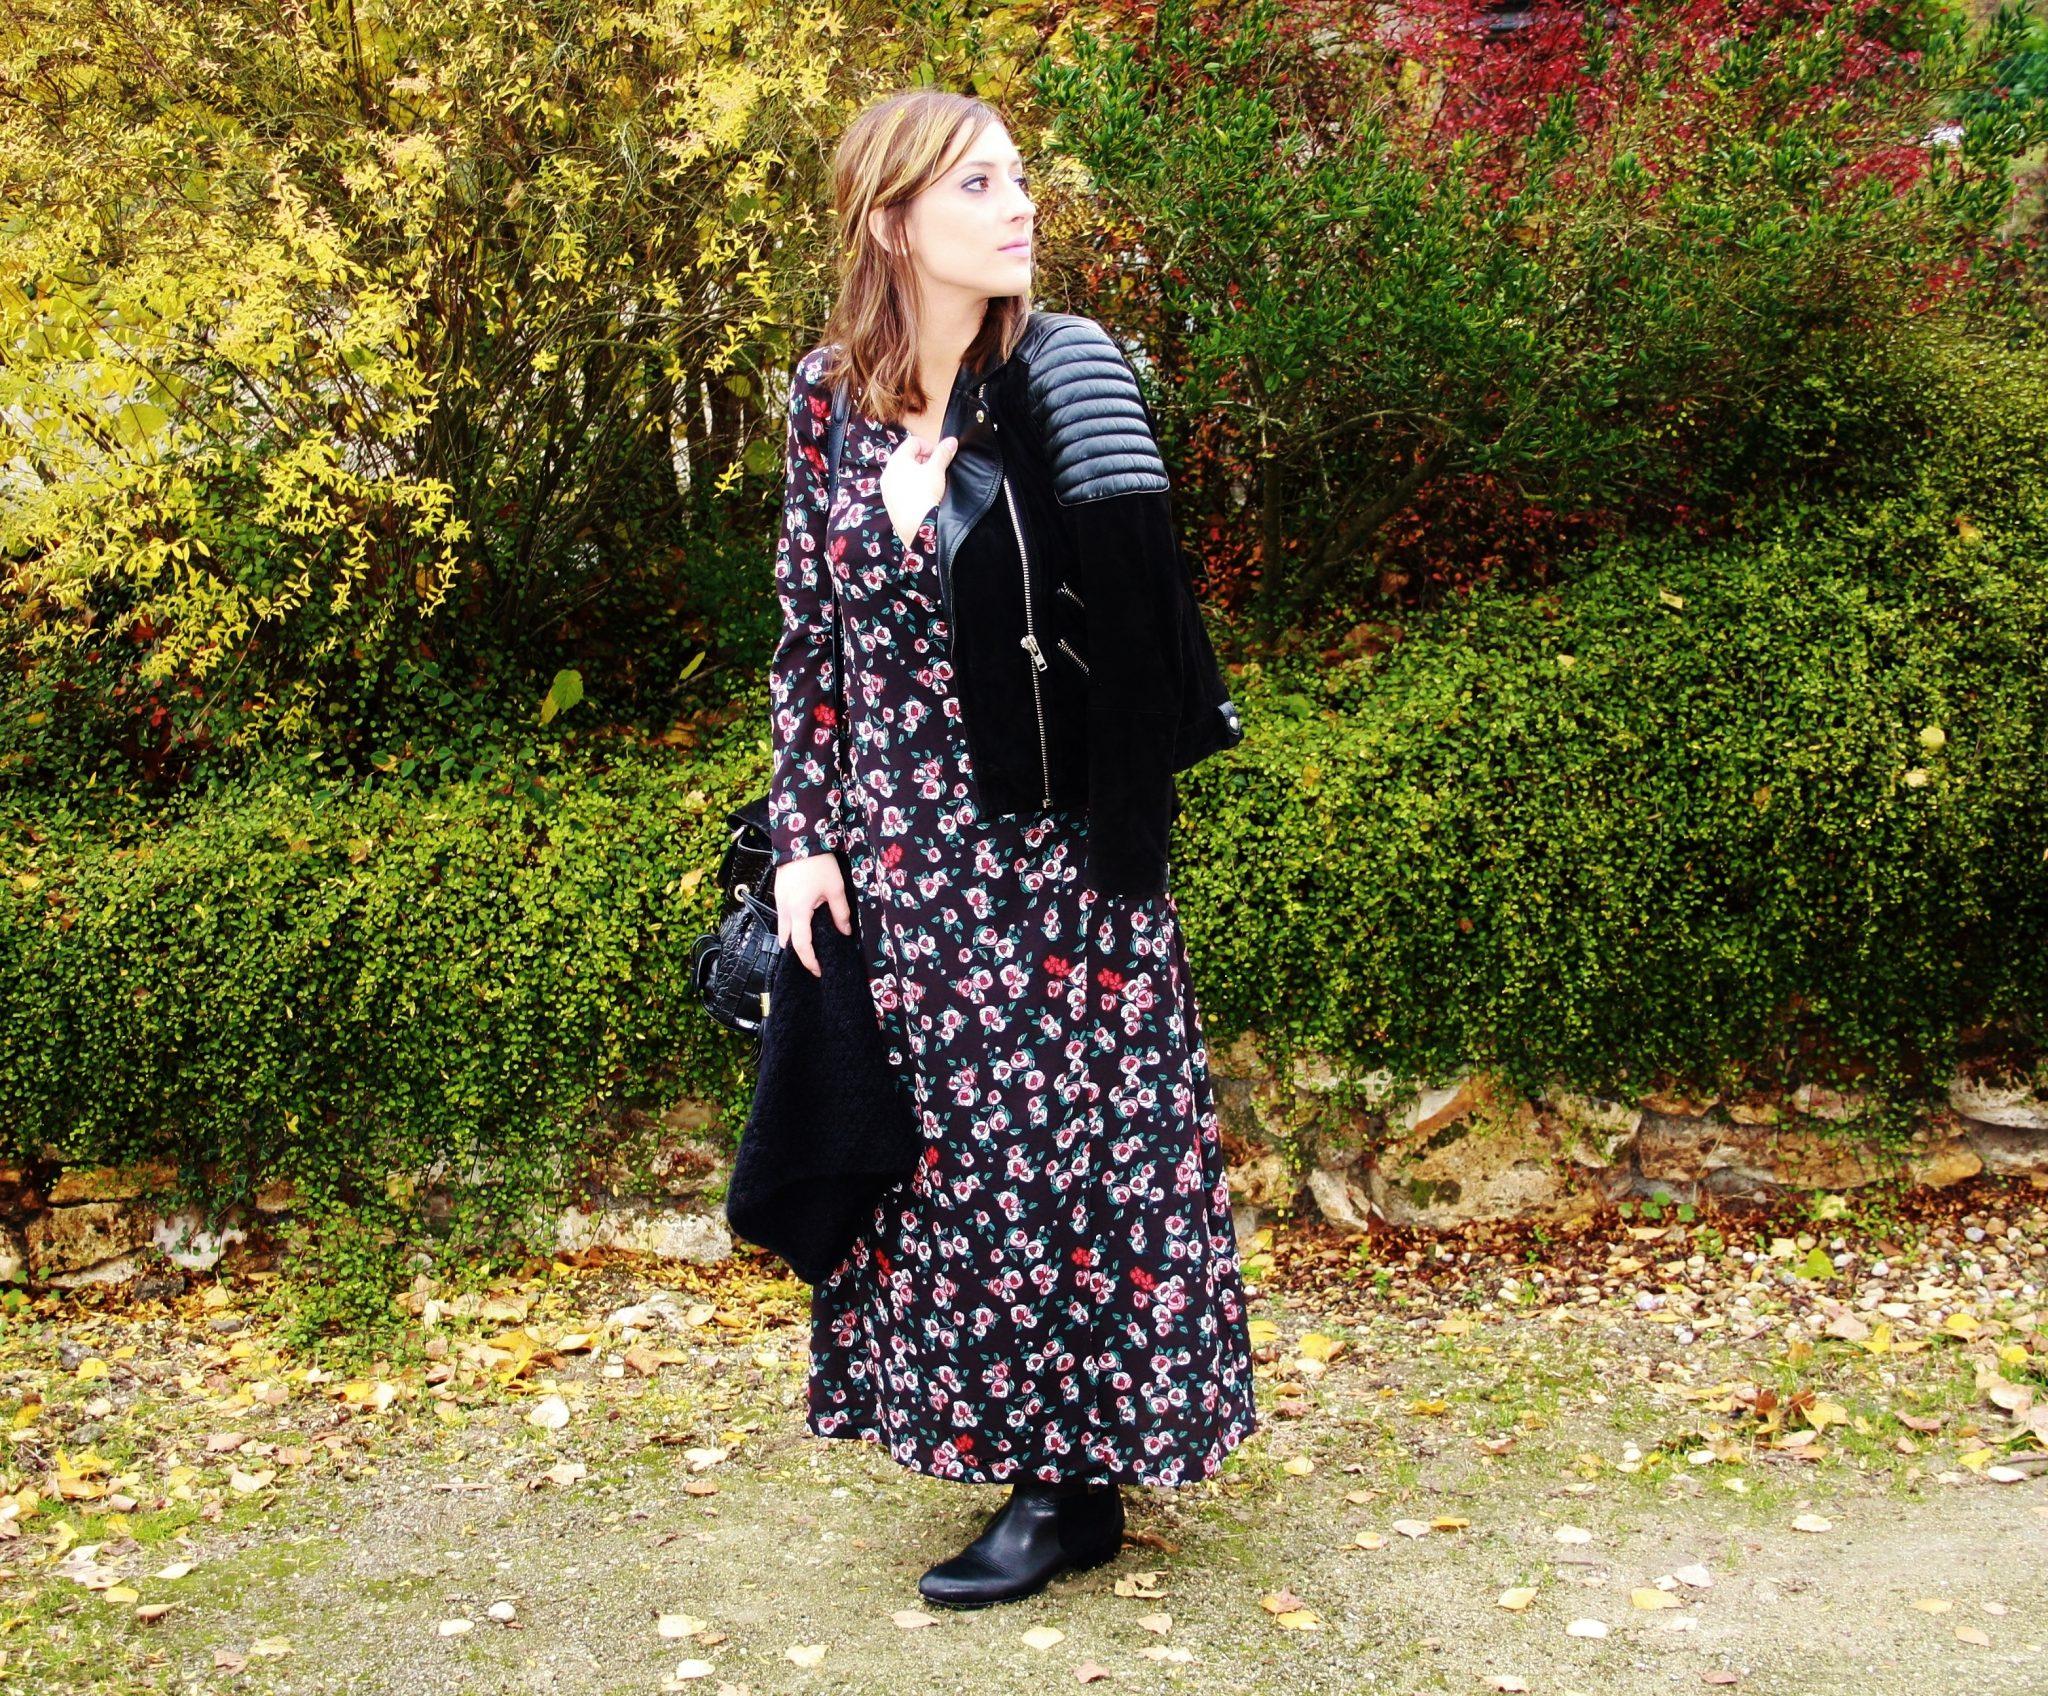 a03a19250c13 huguette-paillettes-couture-robe-aniline-11 - Huguette Paillettes ...